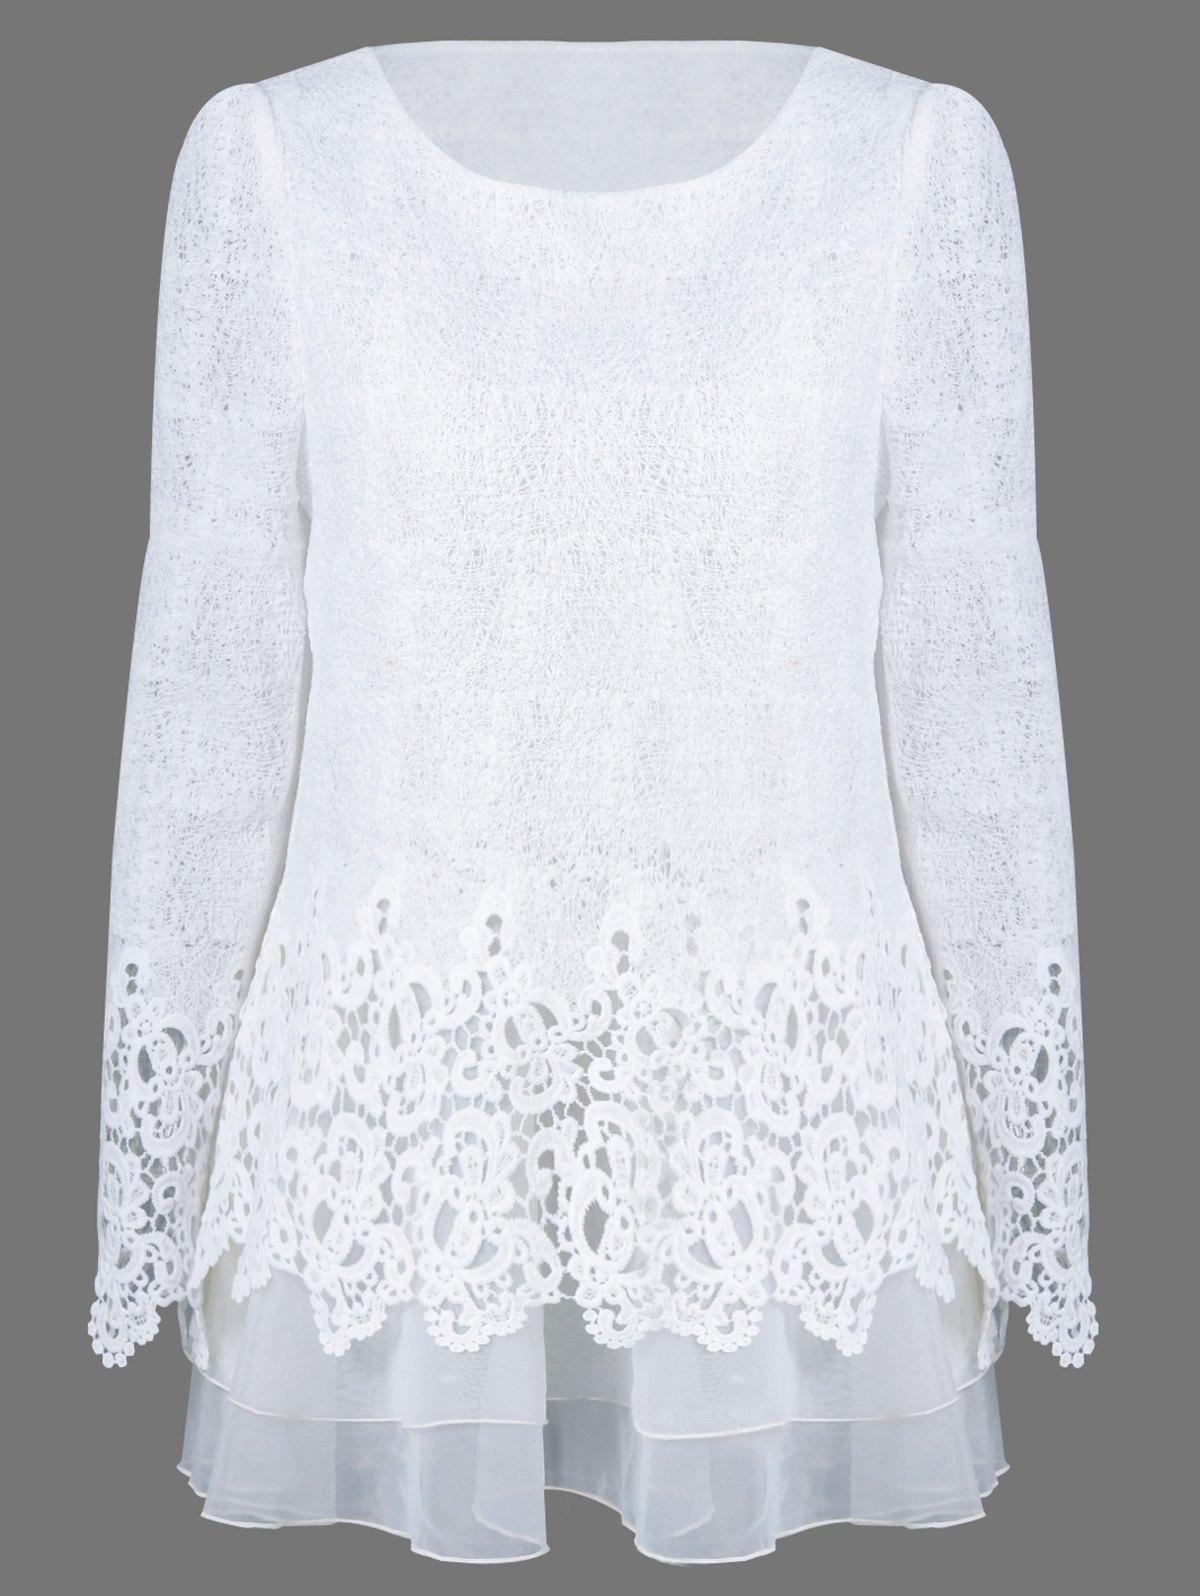 White Christmas Blouse 106